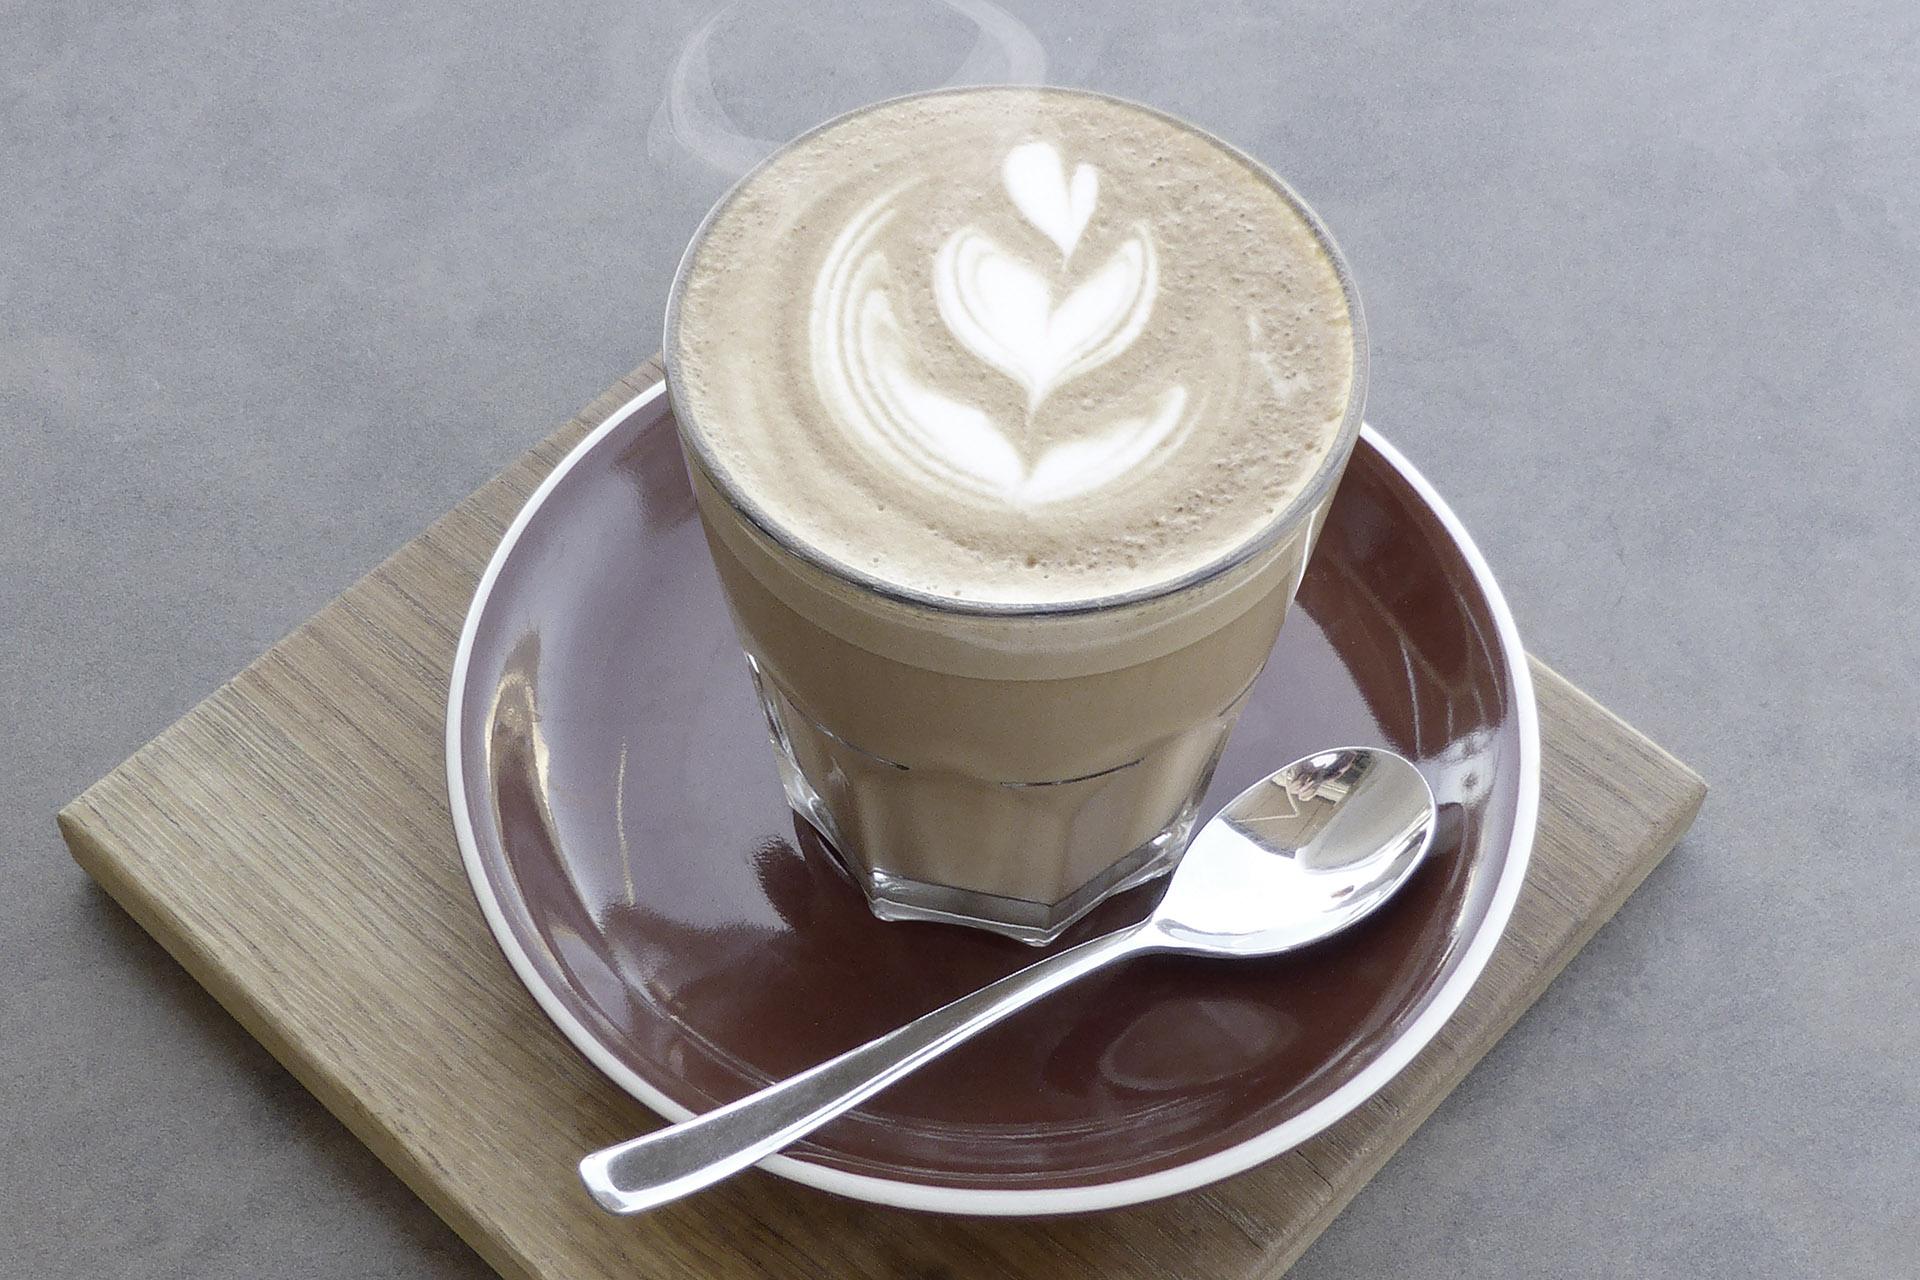 Kaffee Latte Bildbearbeitung unbearbeitet